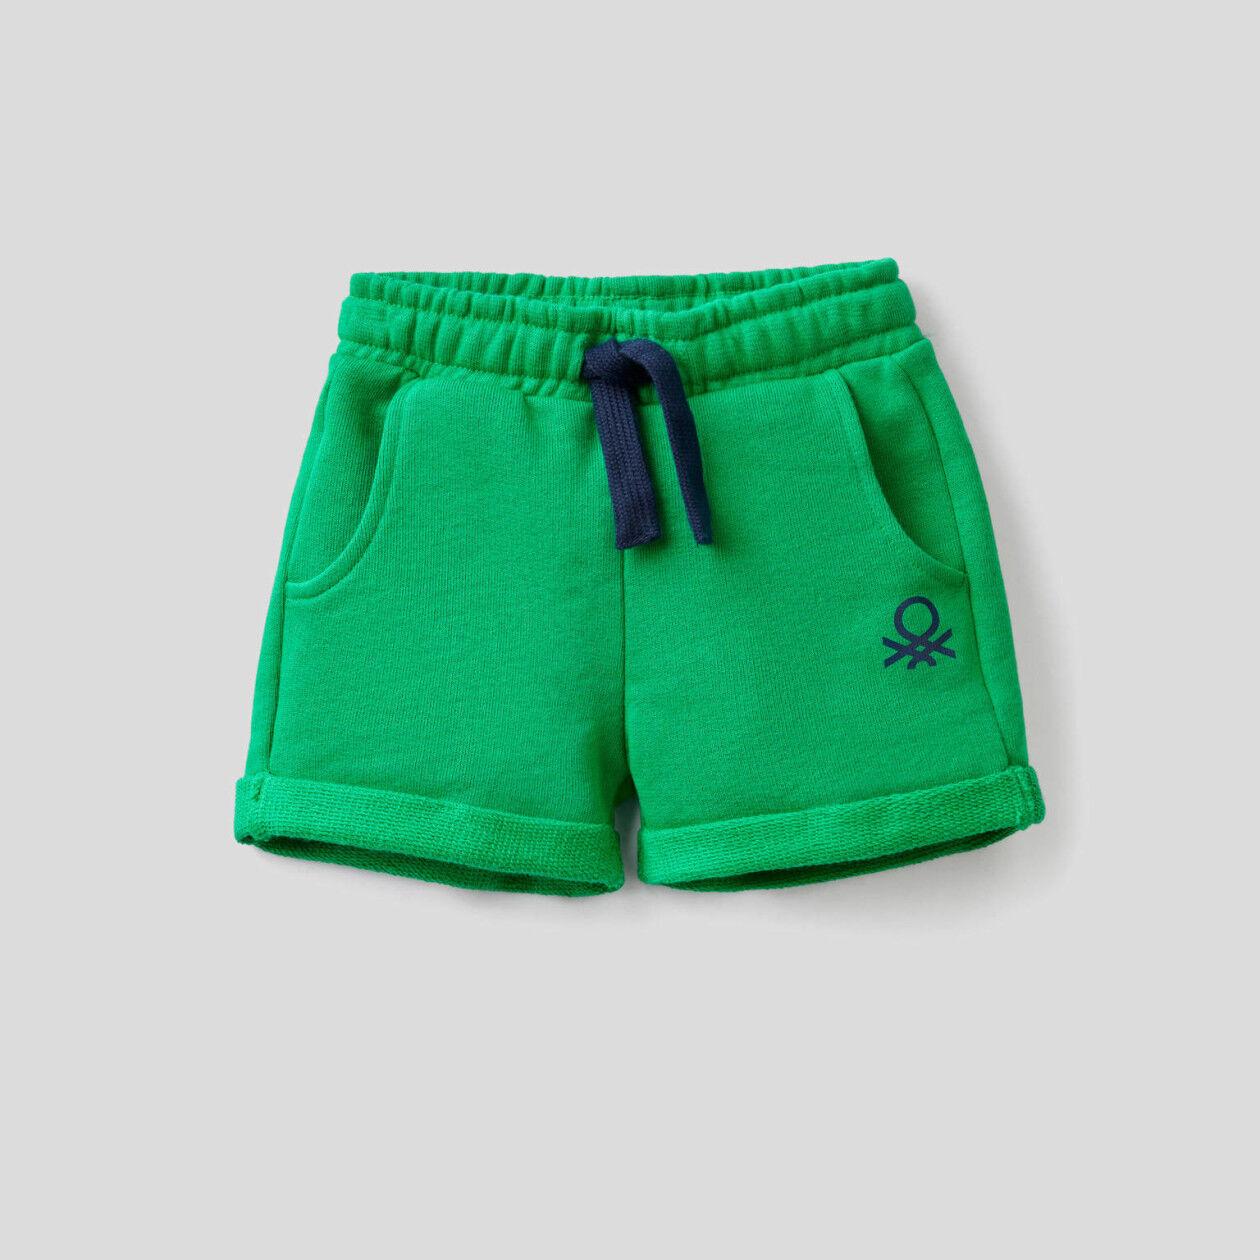 Pantaloni corti in felpa di 100% cotone